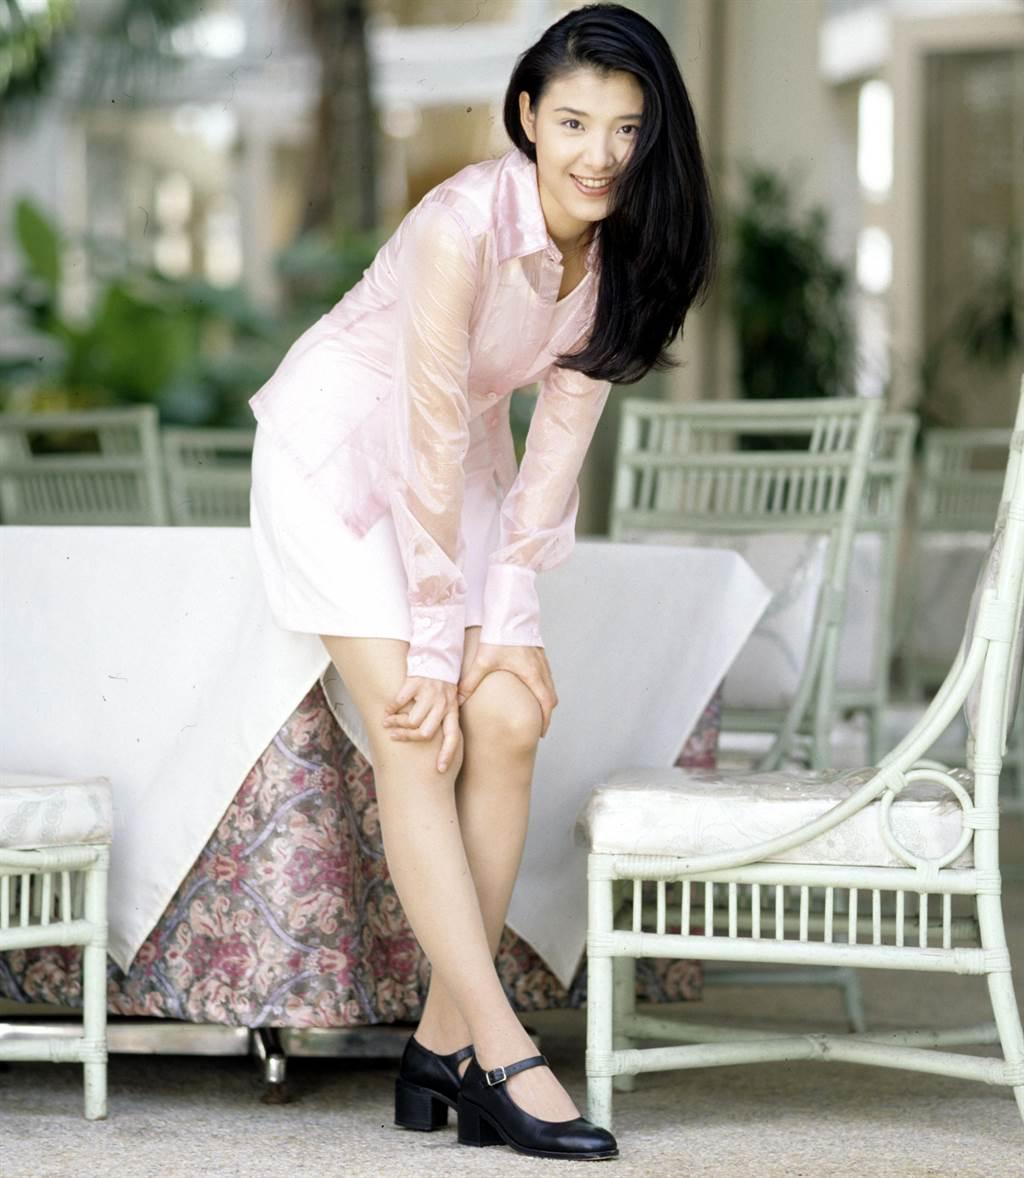 蘇慧倫人美聲甜,讓許多男人為之傾倒。(中時資料照)